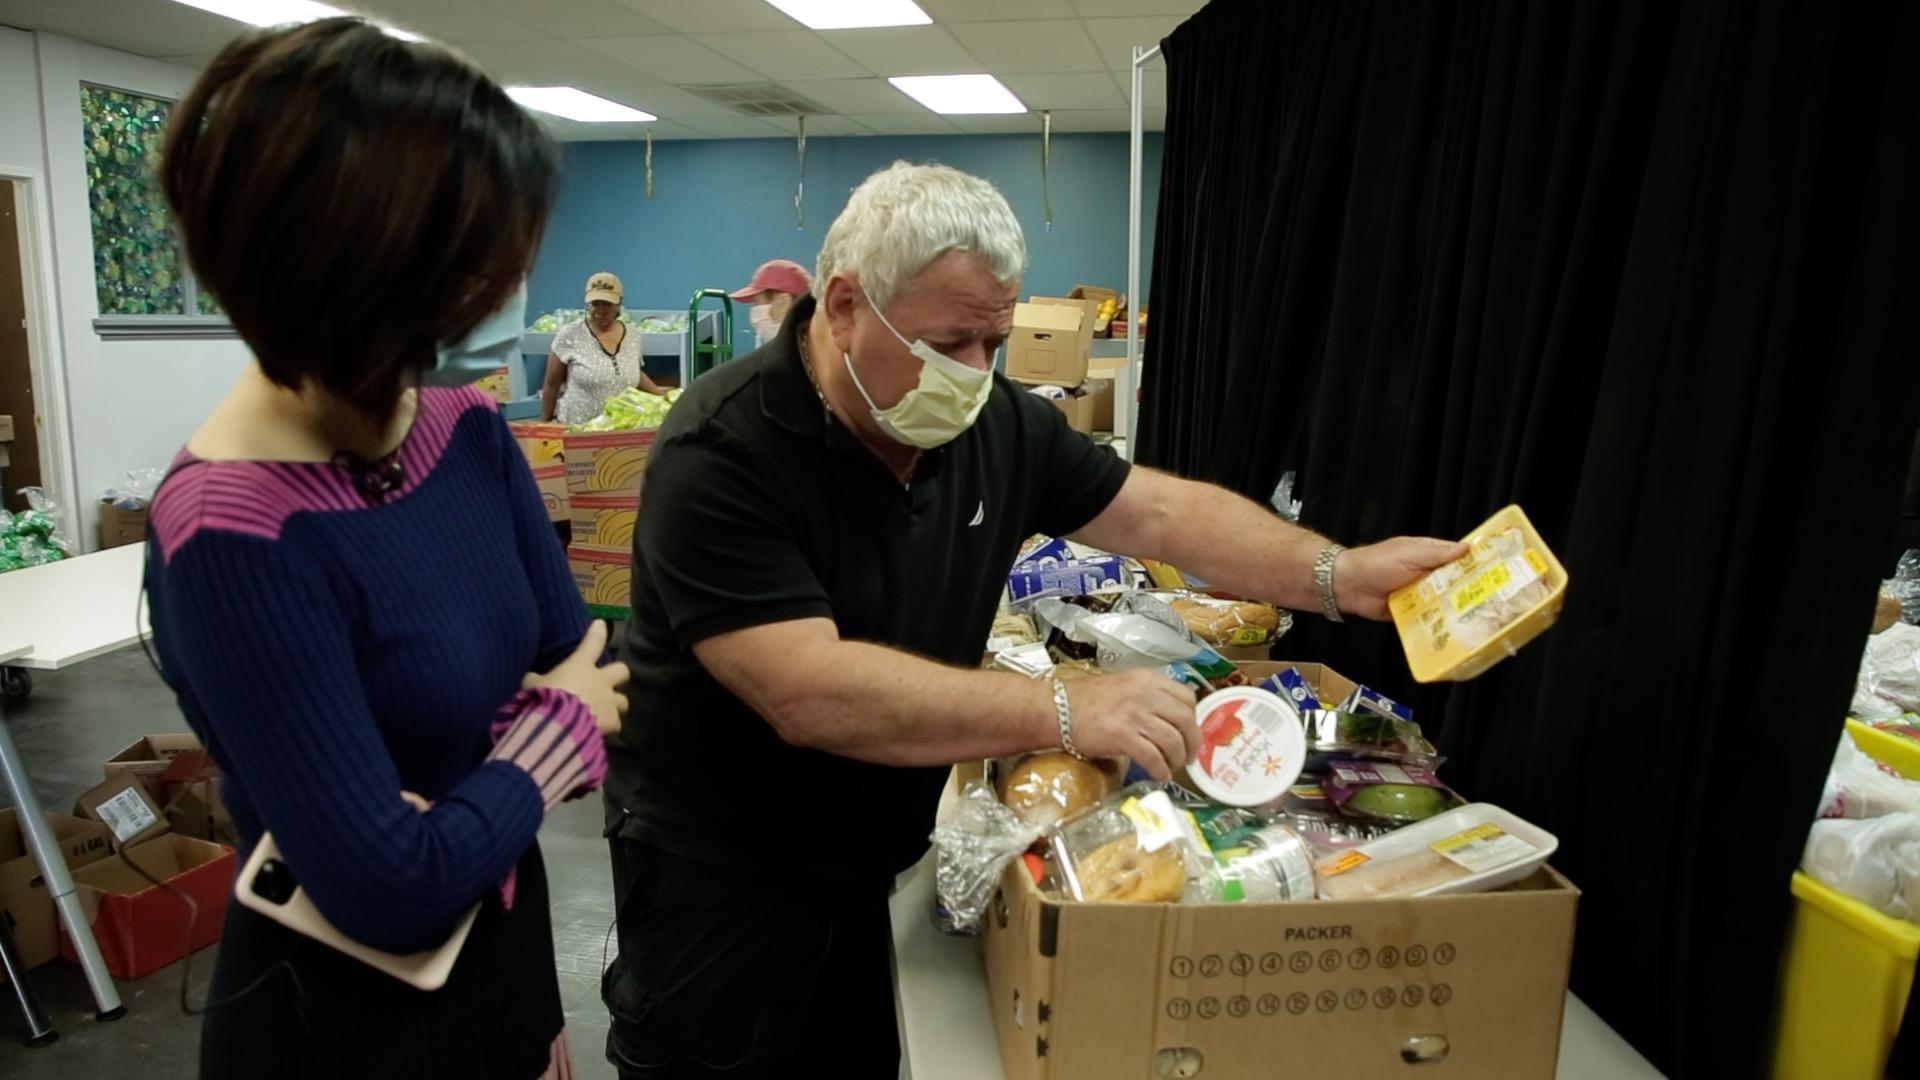 拉斯维加斯免费食物分发中心主任向第一财经记者介绍有关情况